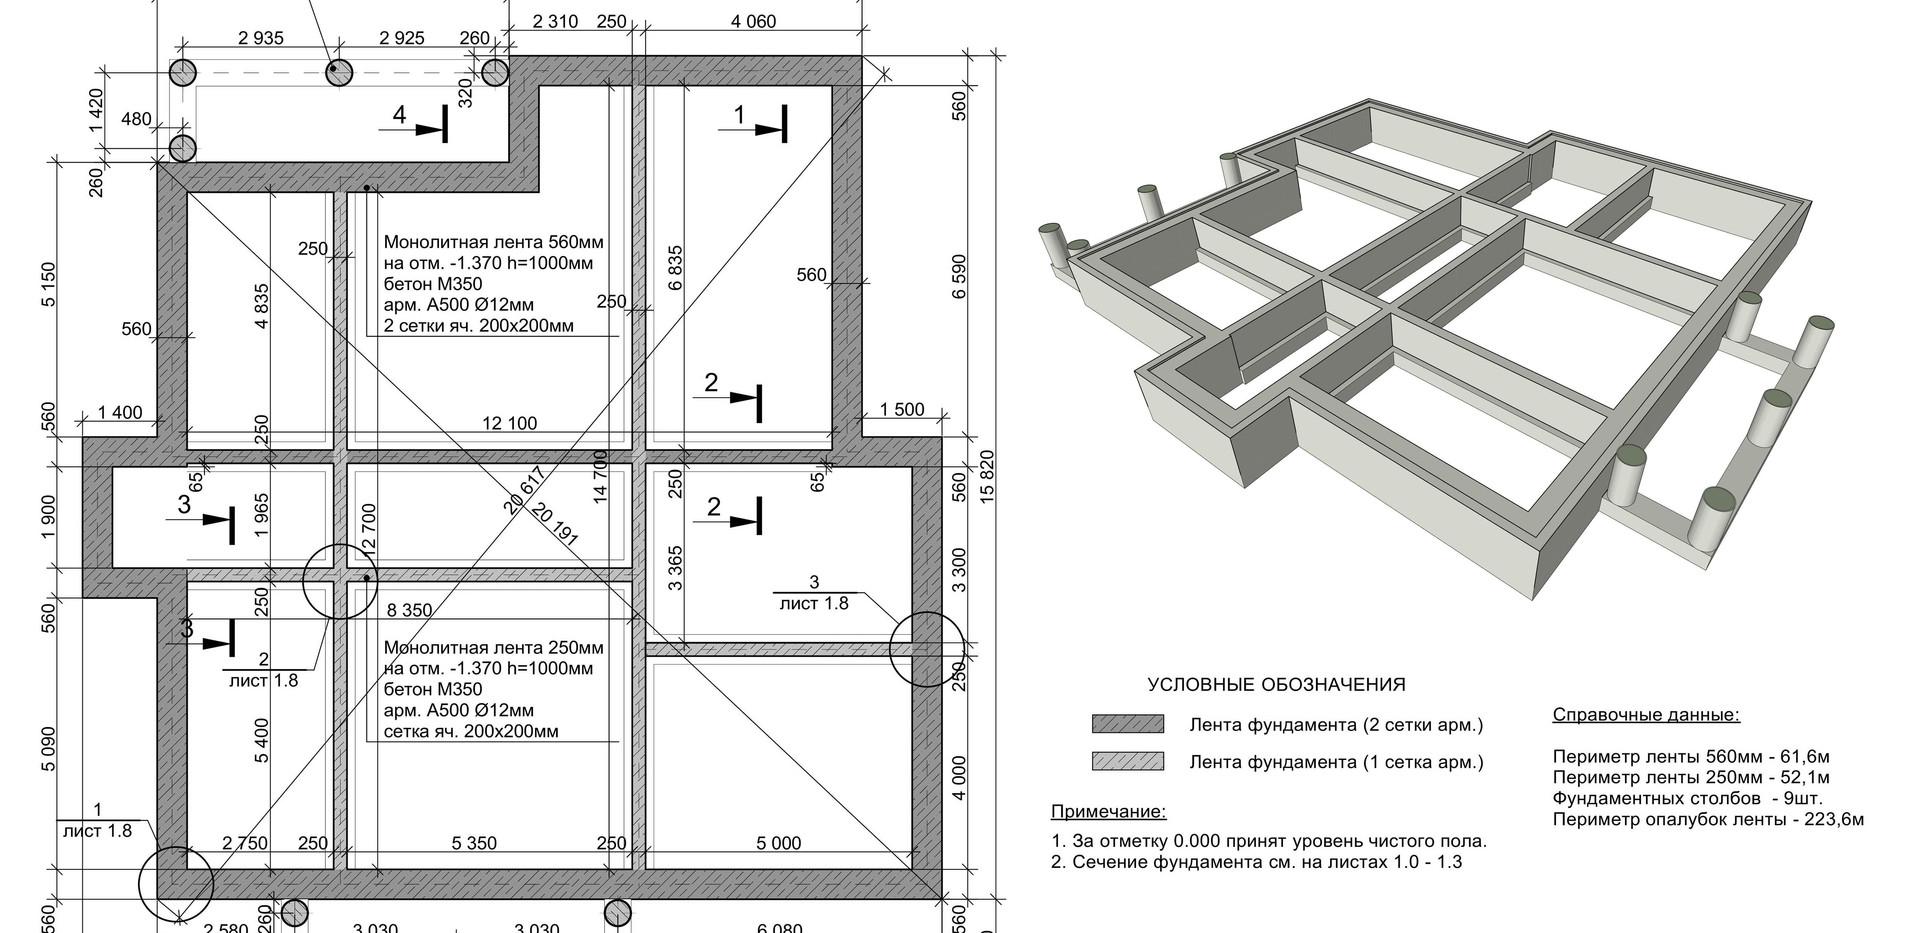 Проект кирпичного дома 390 - 7.jpg